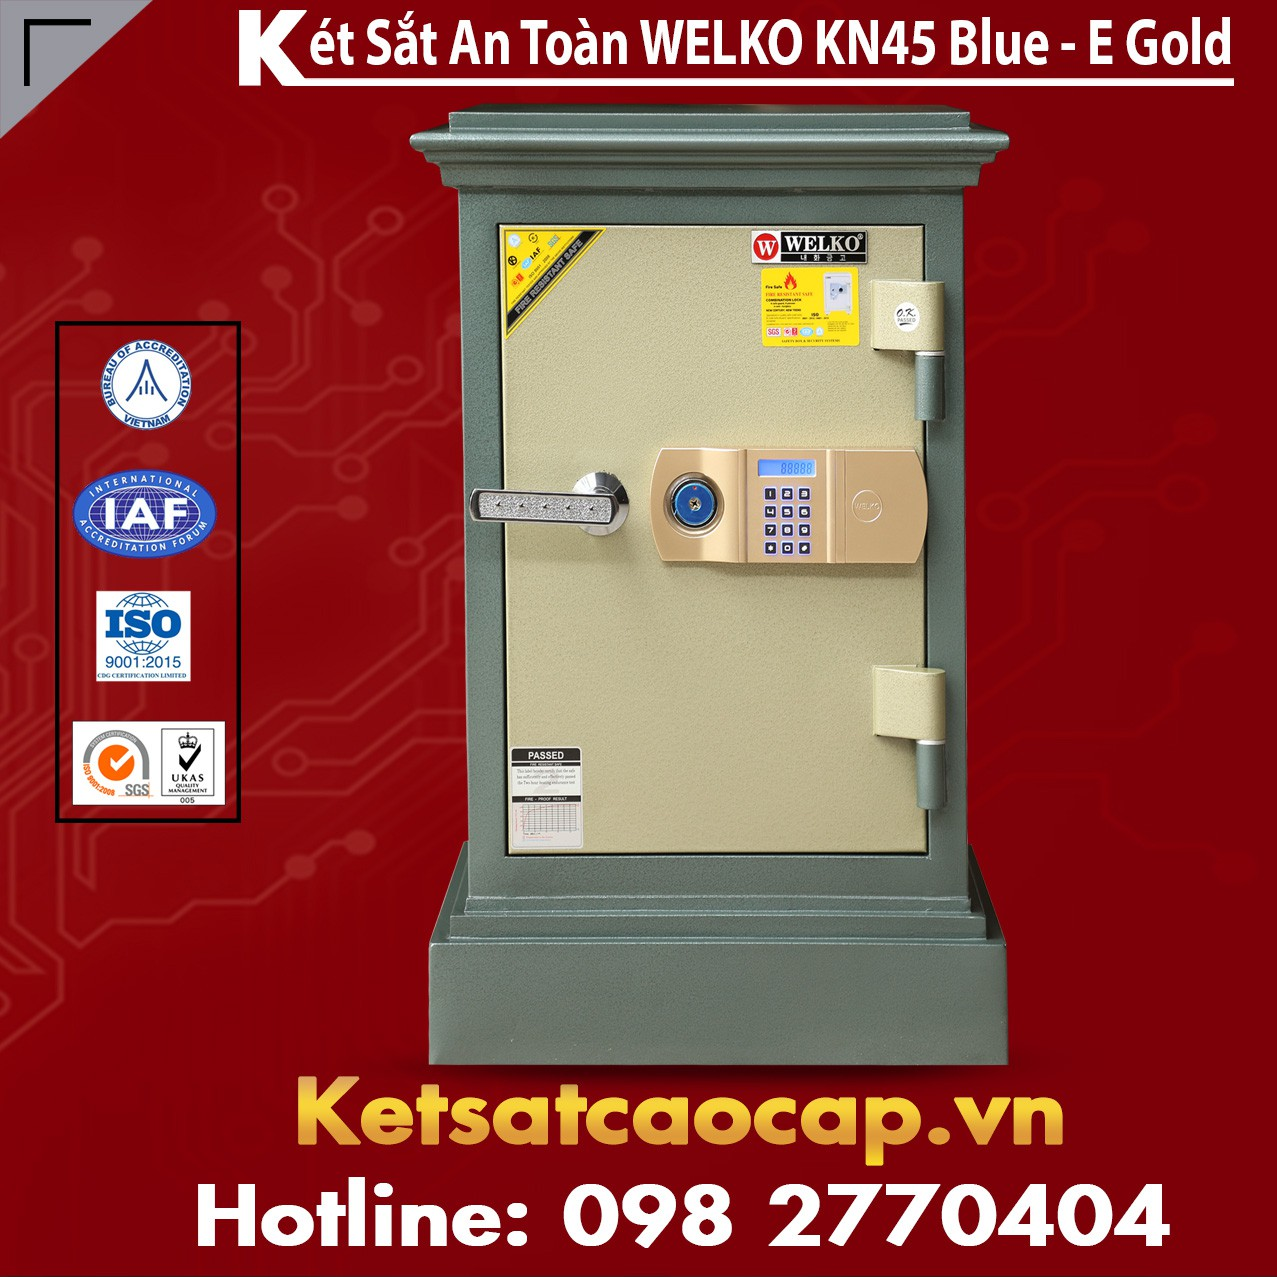 Két Sắt Chống Cháy Sài Gòn KN45 - E Gold